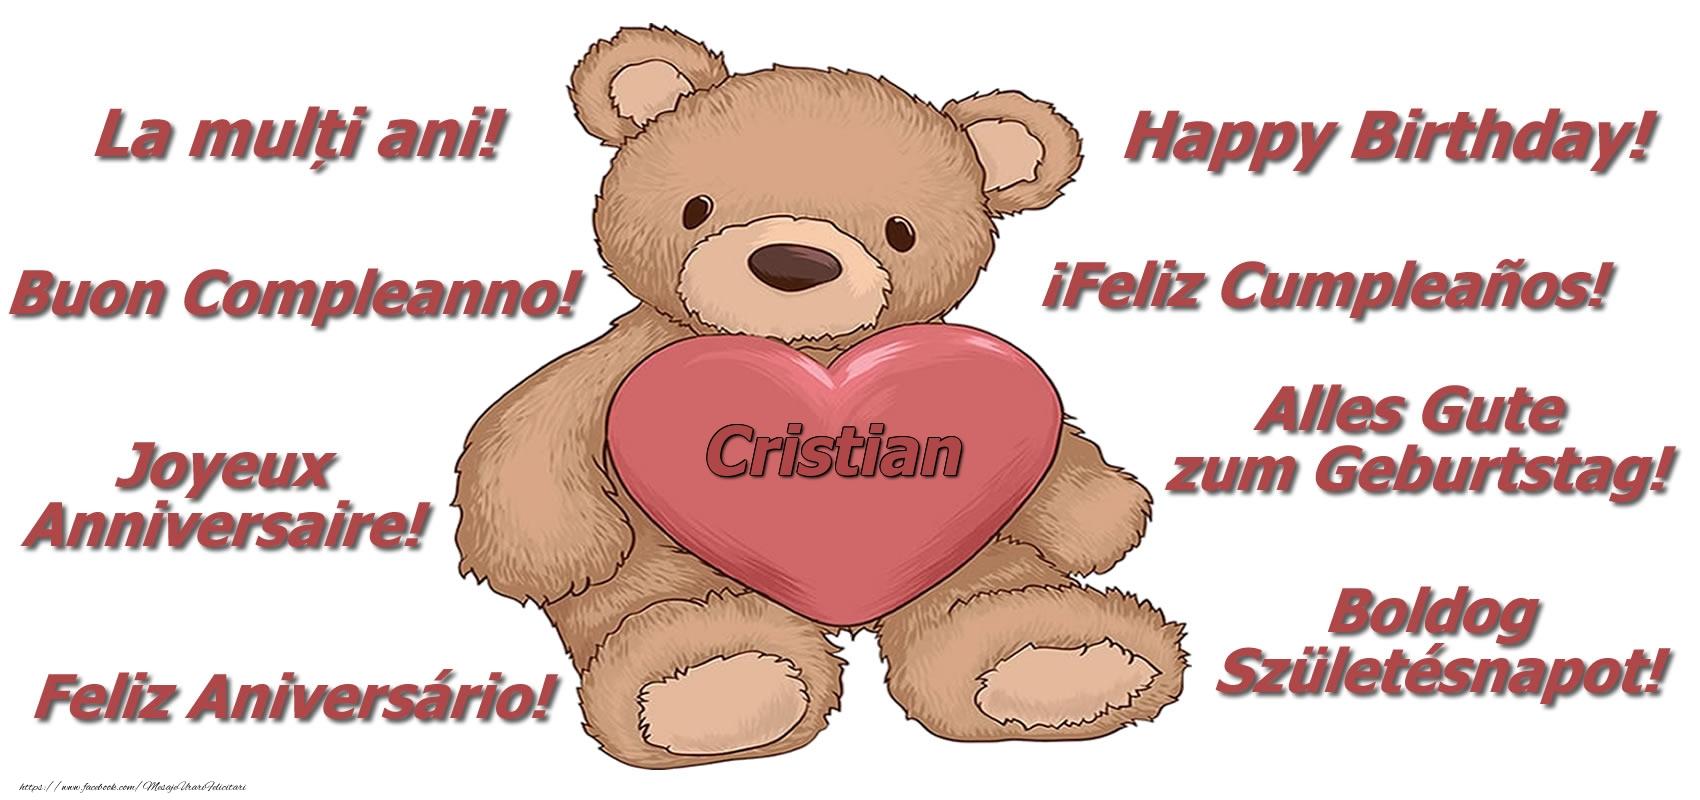 Felicitari de zi de nastere - La multi ani Cristian! - Ursulet